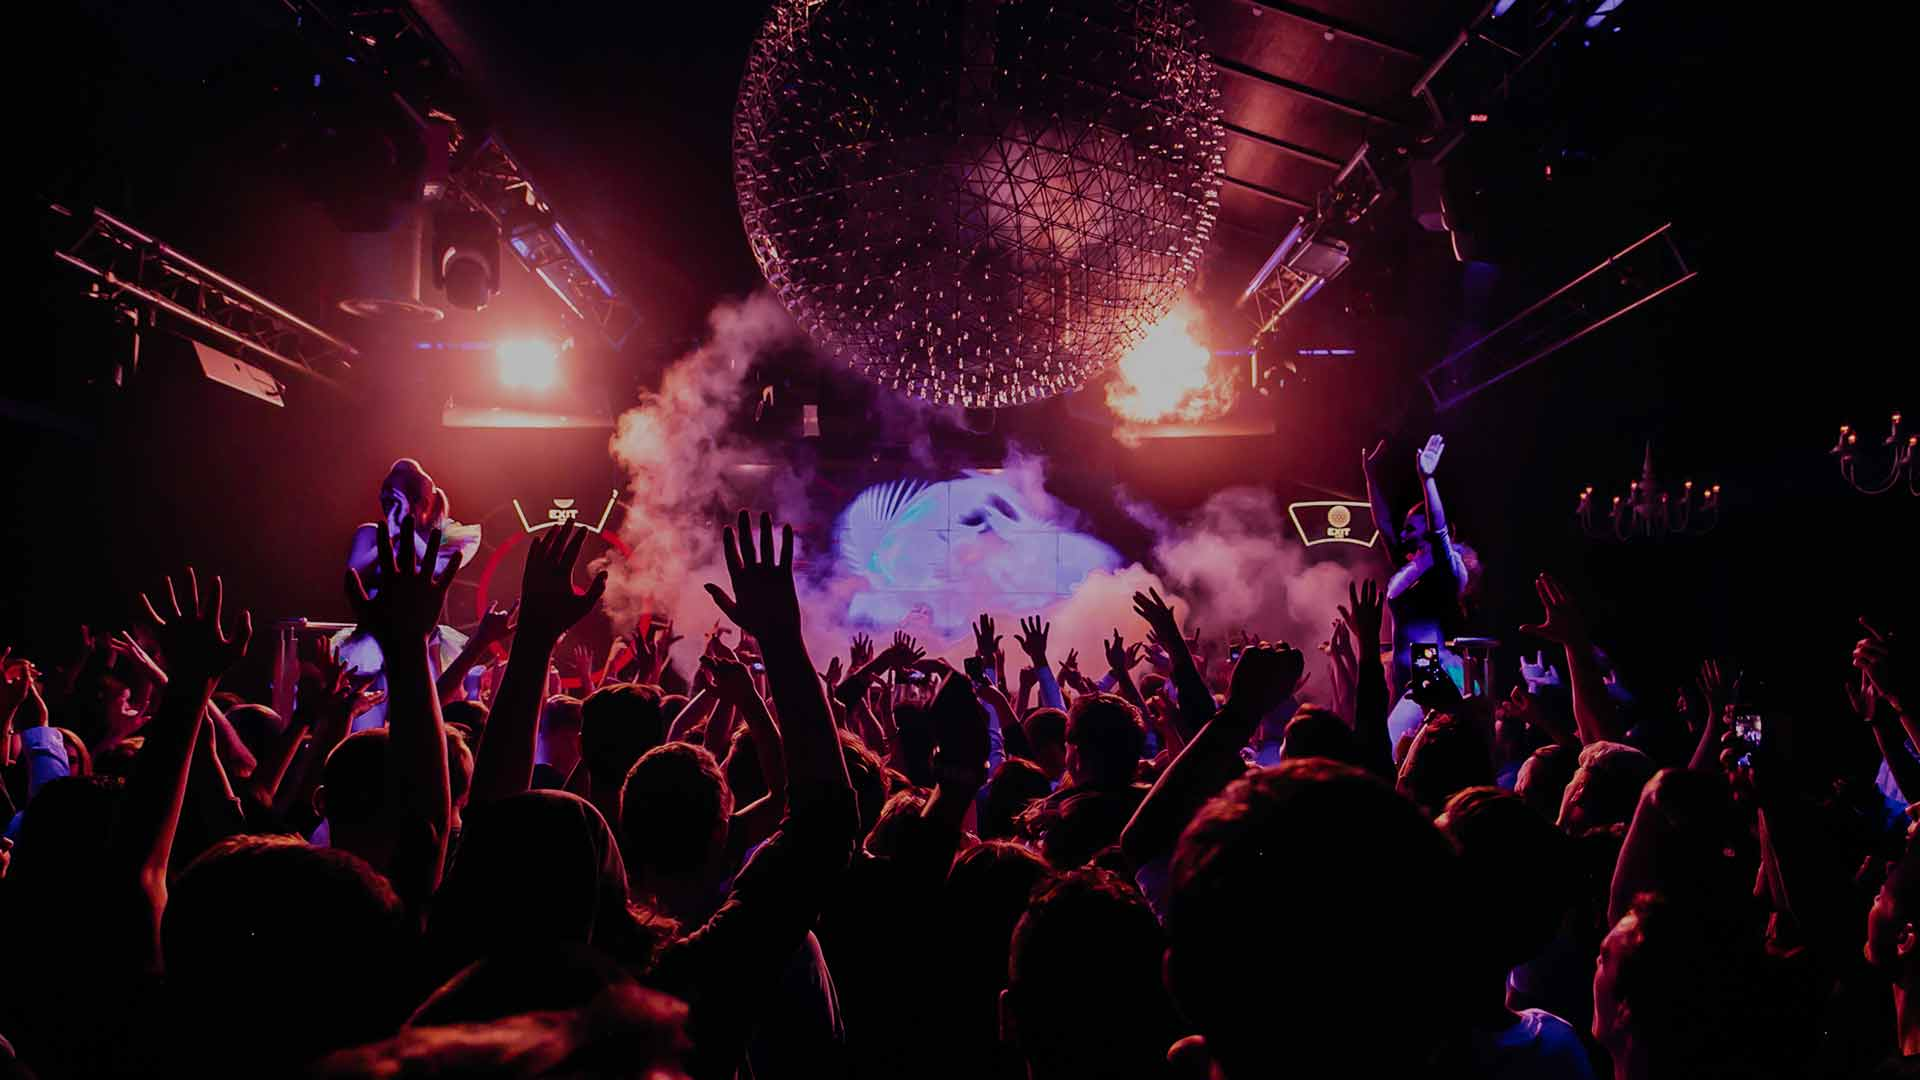 Οργάνωση Εκδηλώσεων - Συναυλιών DJ Groove